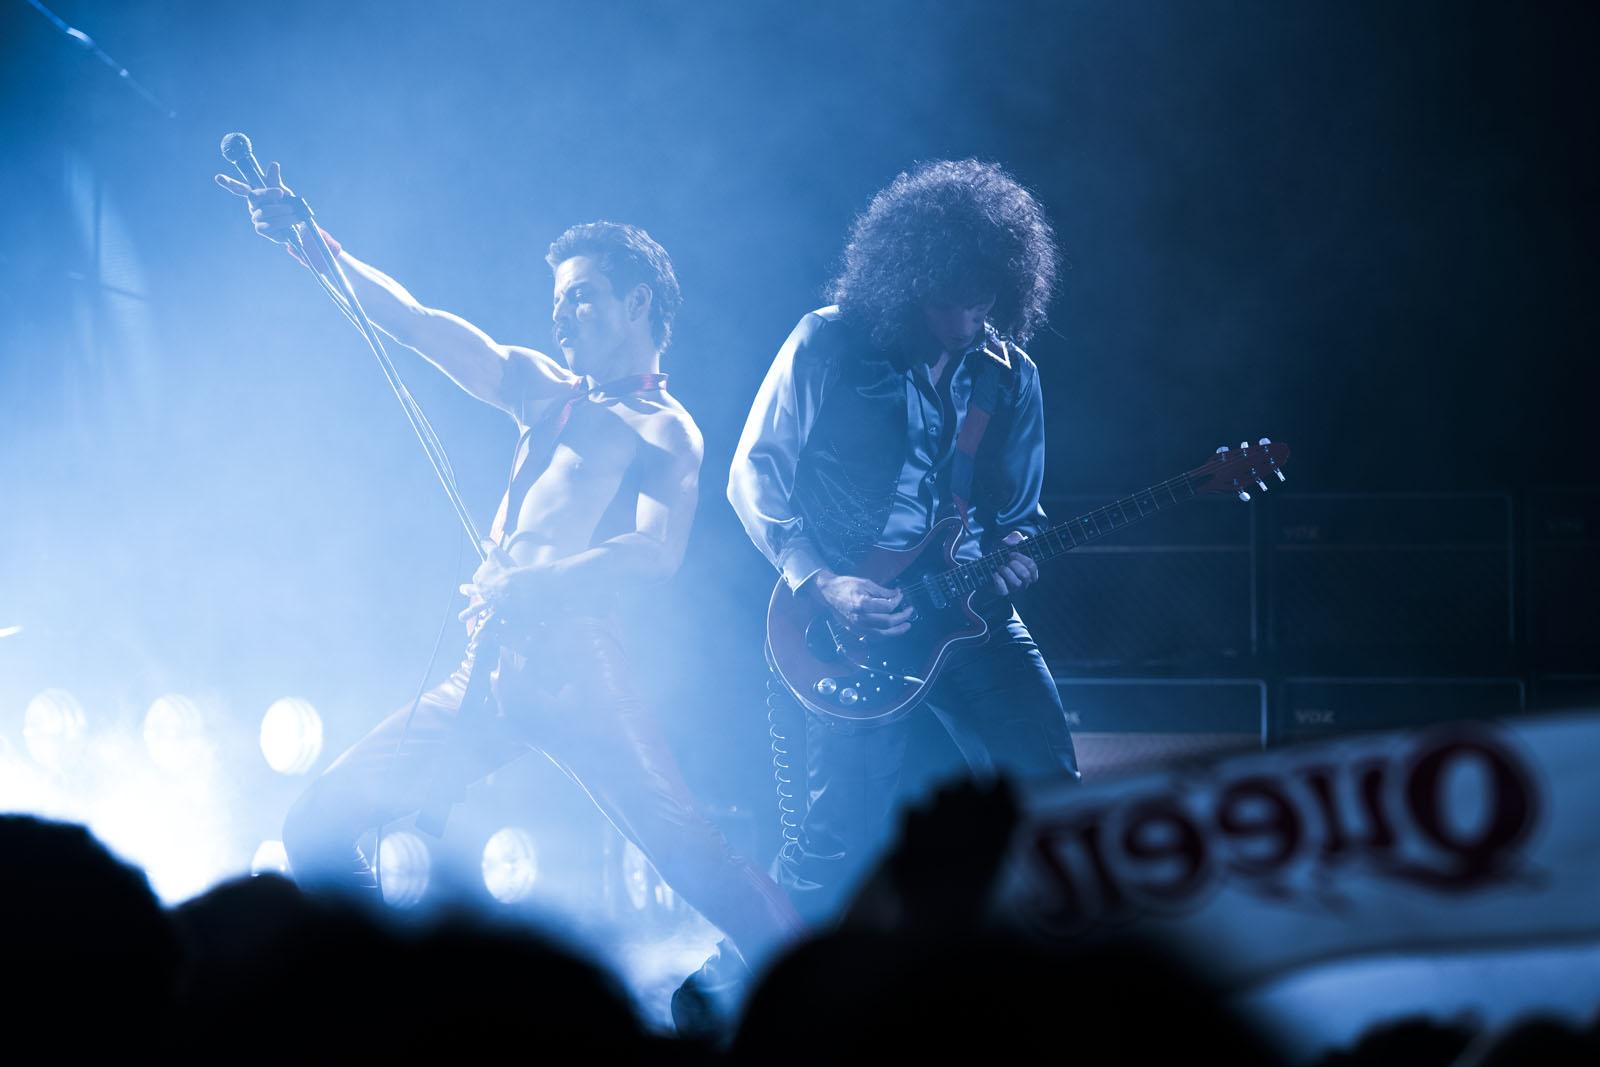 Bohemian Rhapsody DVDRip VF